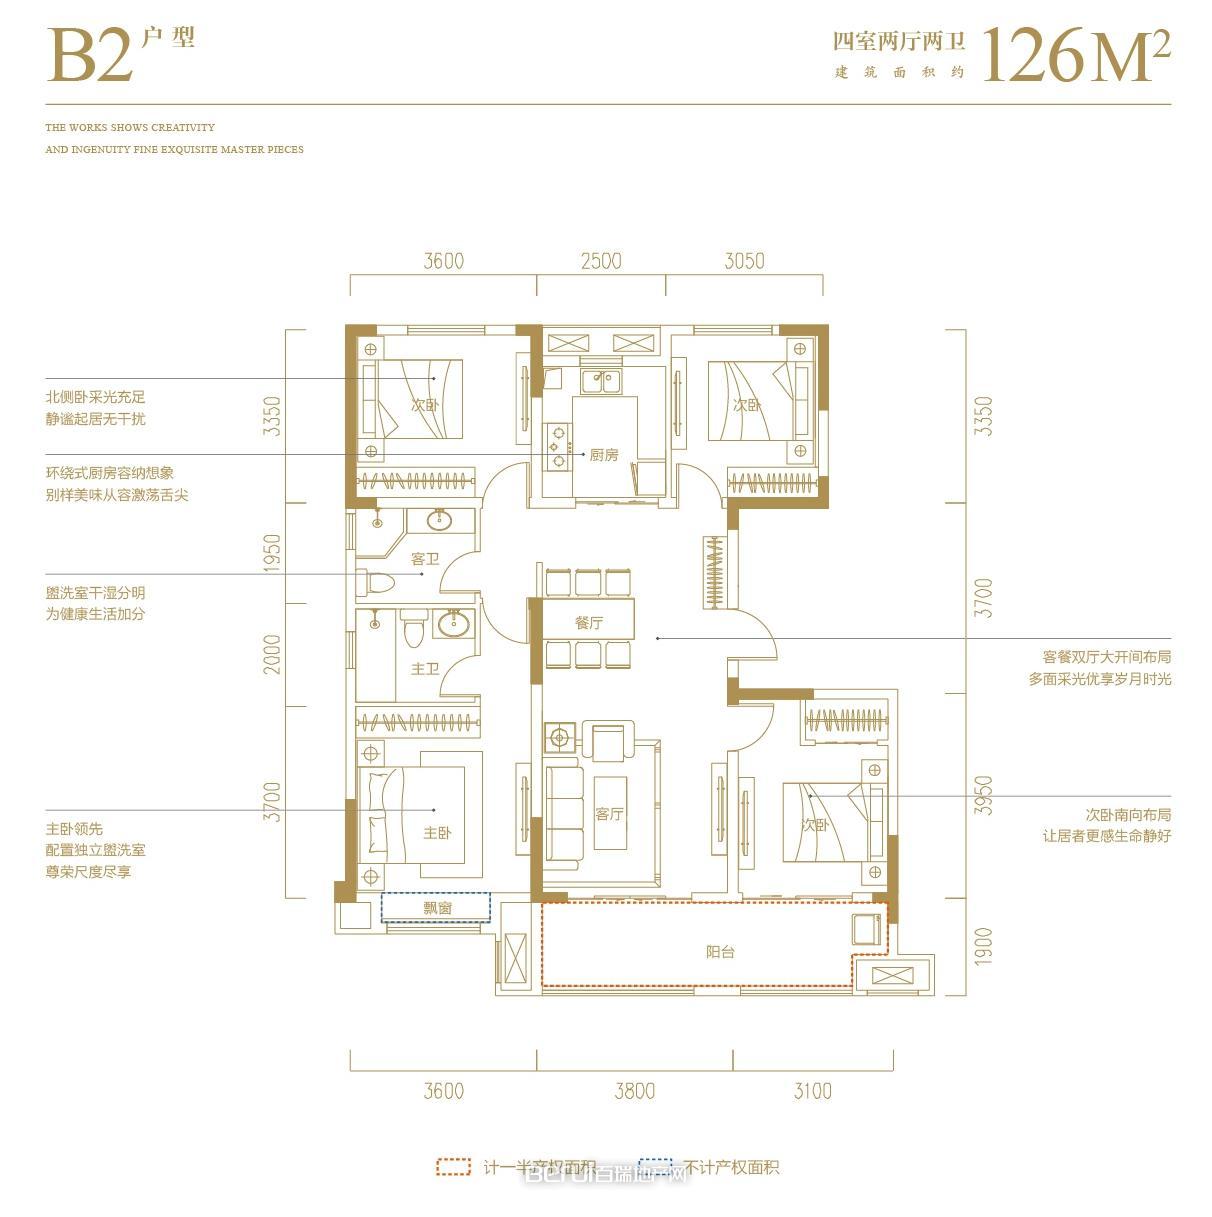 二期洋房B2